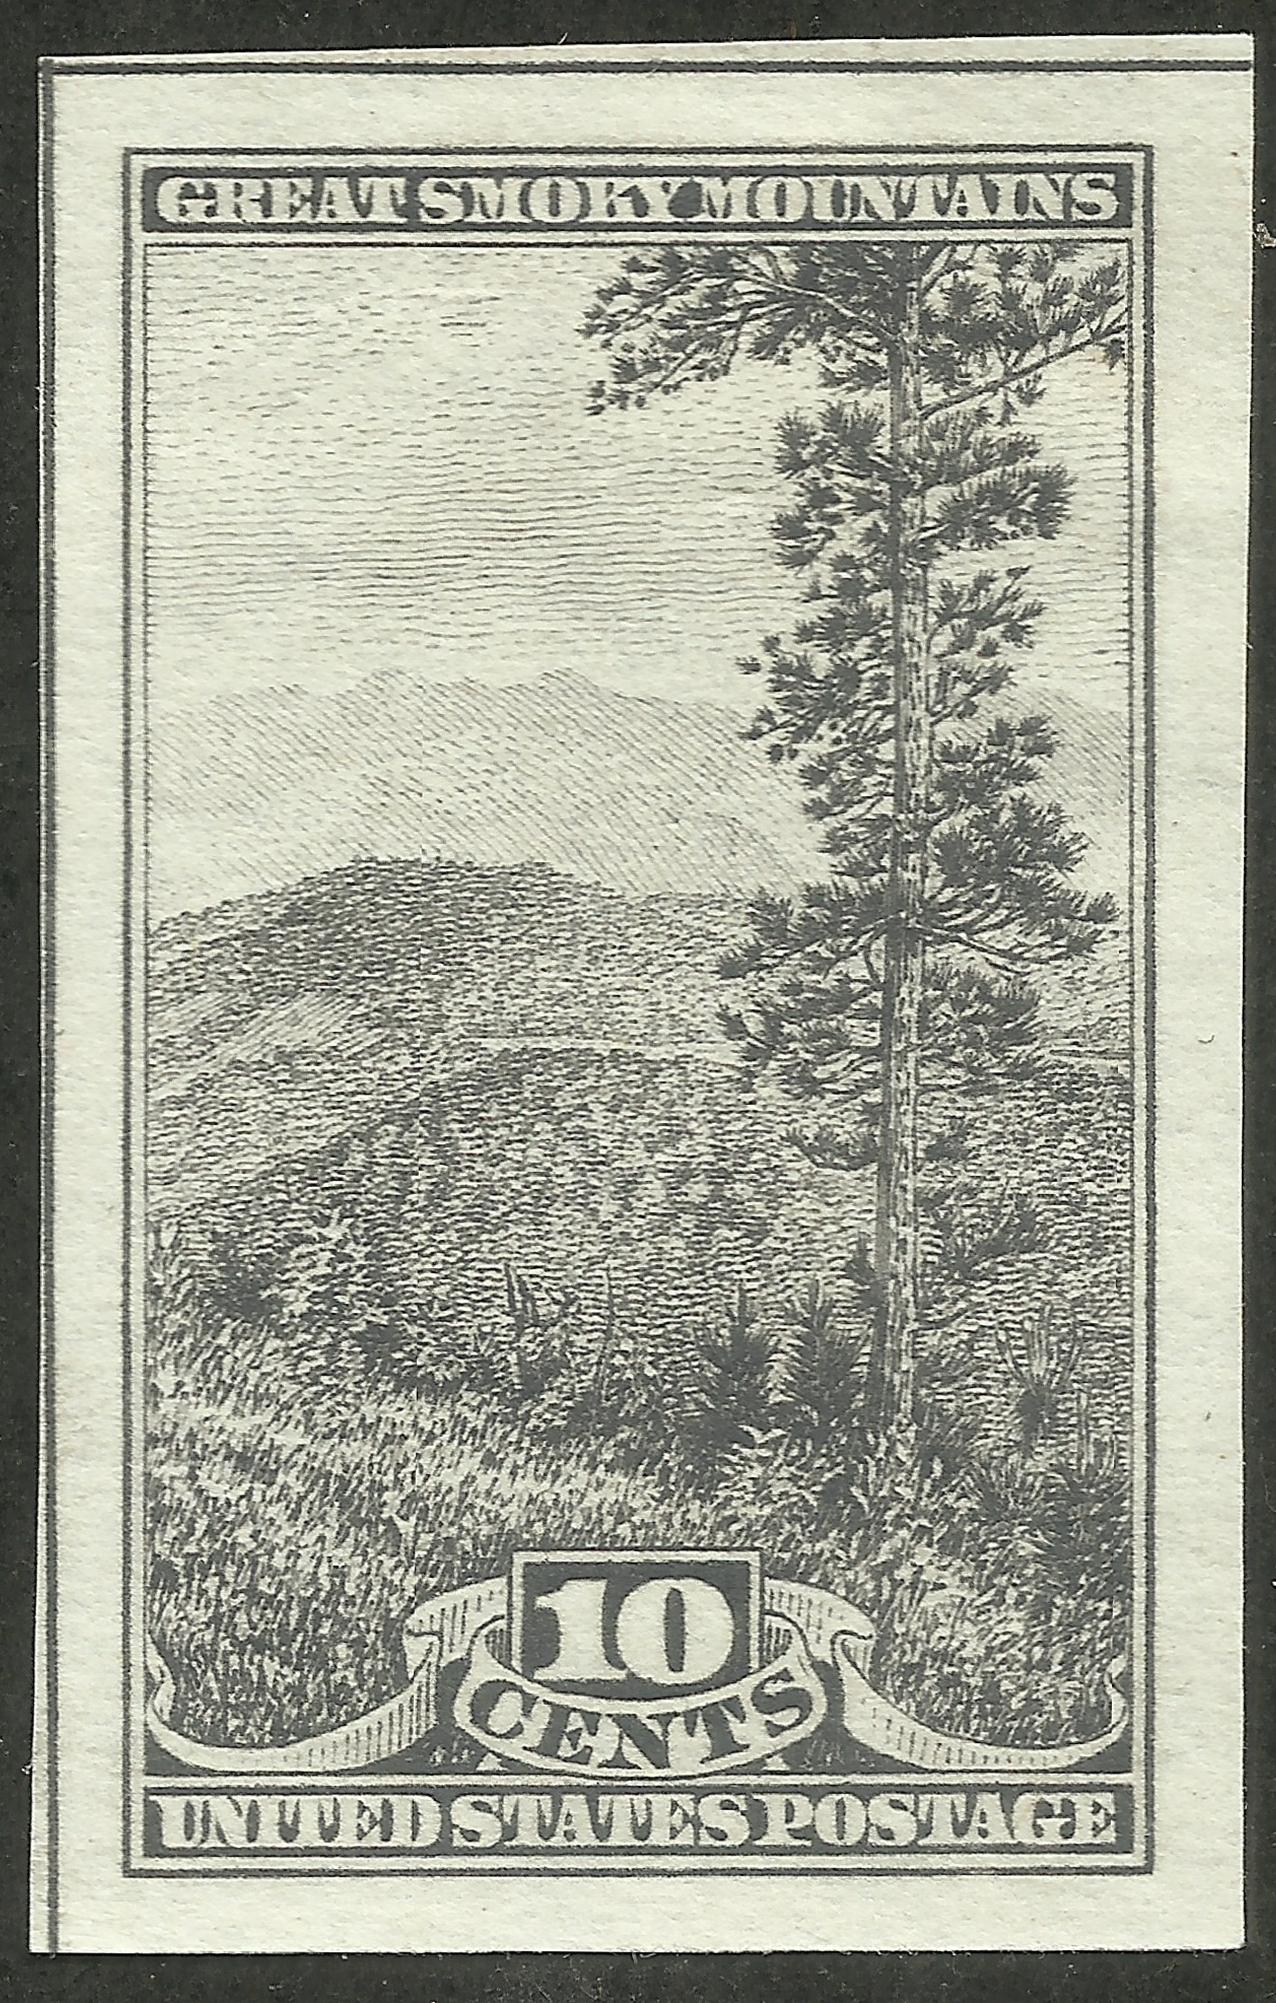 United States - Scott #765 (1935)